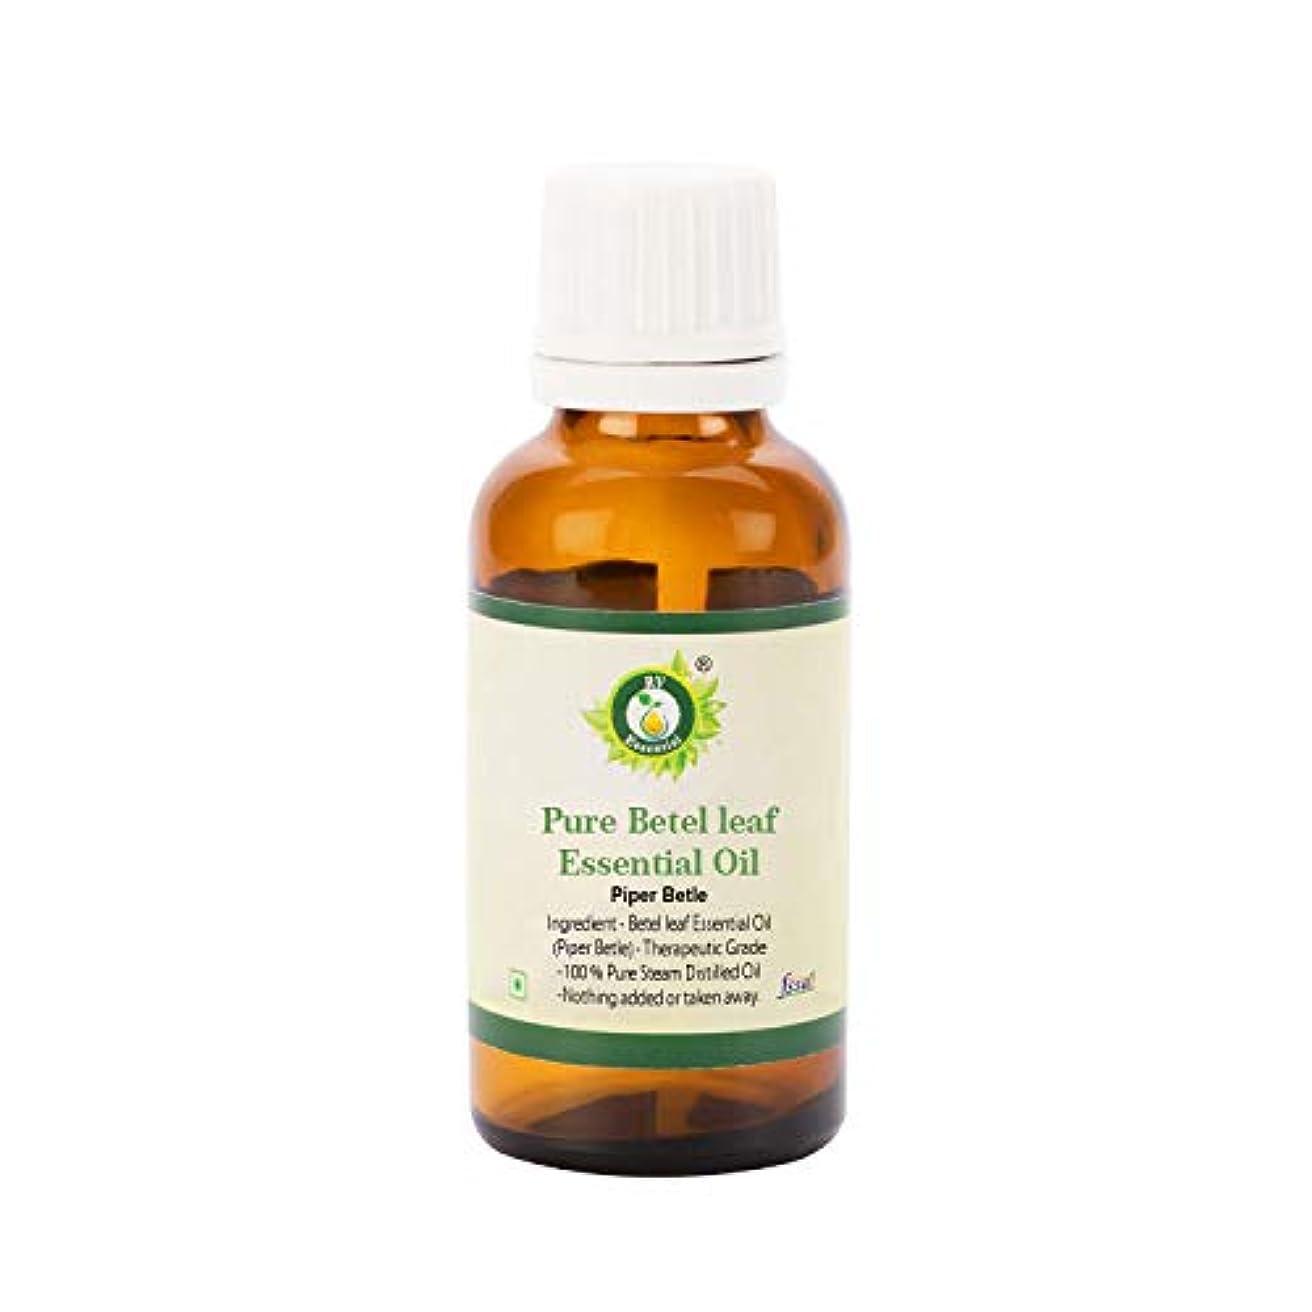 概要起業家却下するR V Essential ピュアBetel葉エッセンシャルオイル15ml (0.507oz)- Piper Betle (100%純粋&天然スチームDistilled) Pure Betel leaf Essential...